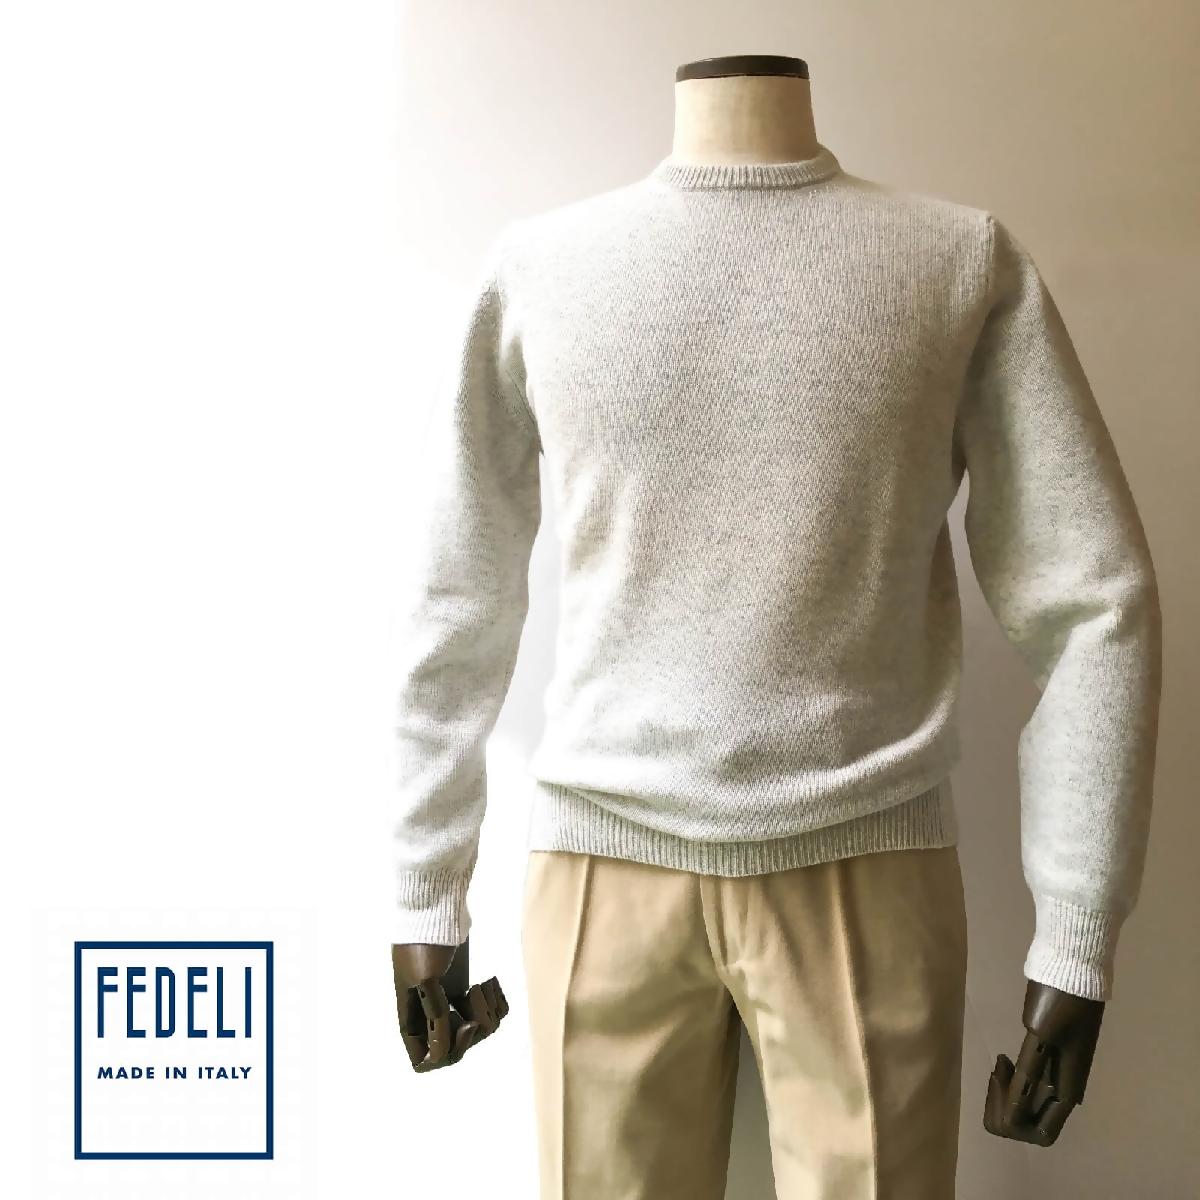 FEDELI (フェデーリ) 2プライカシミヤニットクルーネックセーター グレー メンズ ブランド ニット セーター 無地 長袖